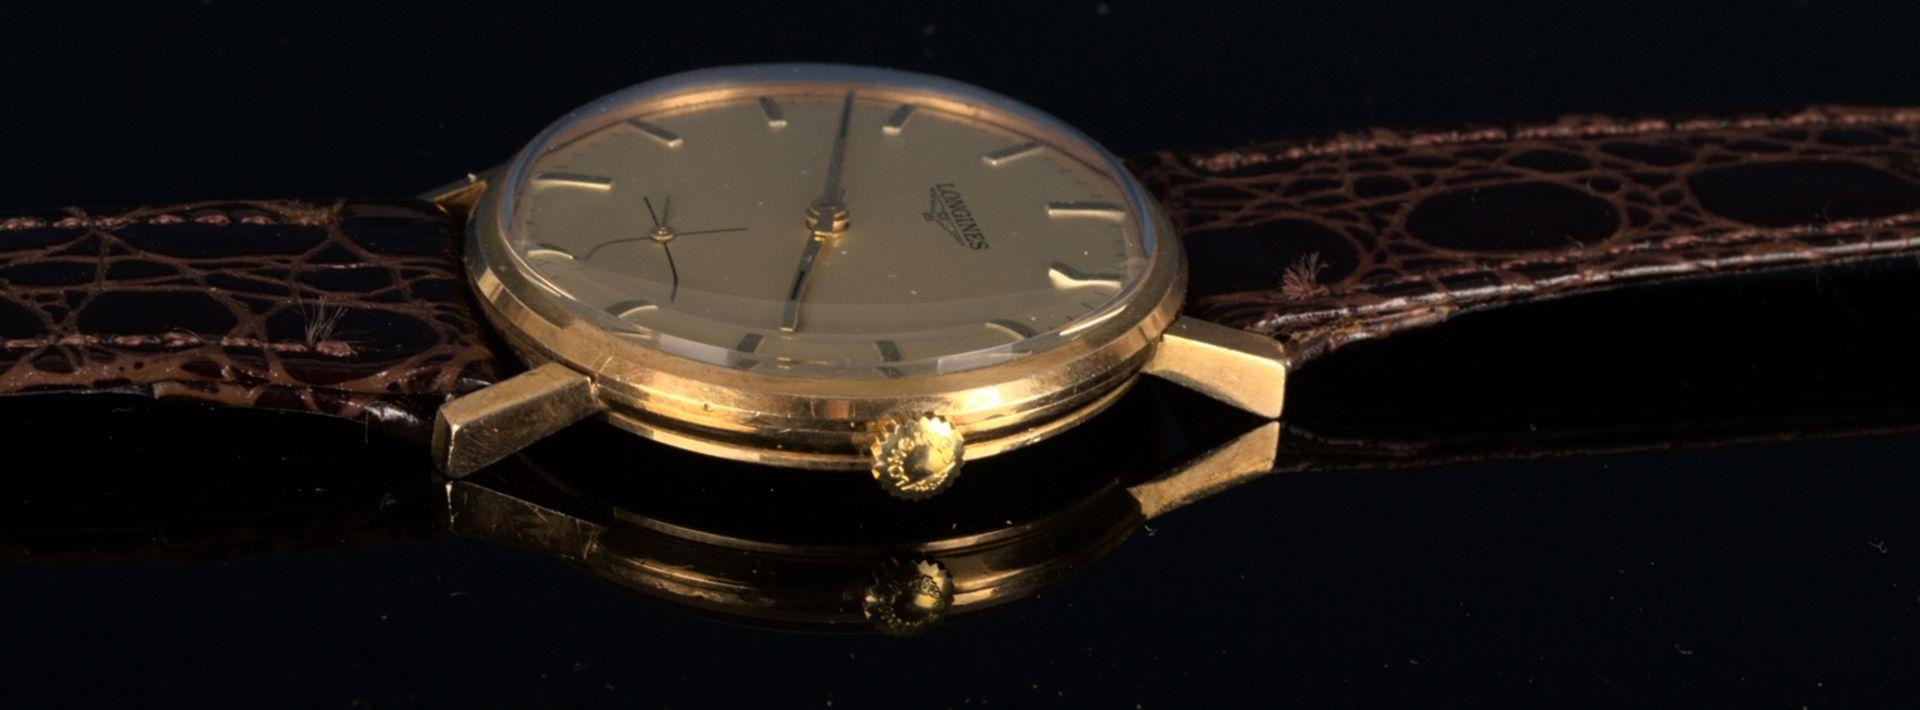 """""""LONGINES"""" - Elegante, goldene Herrenarmbanduhr der Marke Longines. Gehäuse in 18 K Gelbgold, - Bild 5 aus 12"""